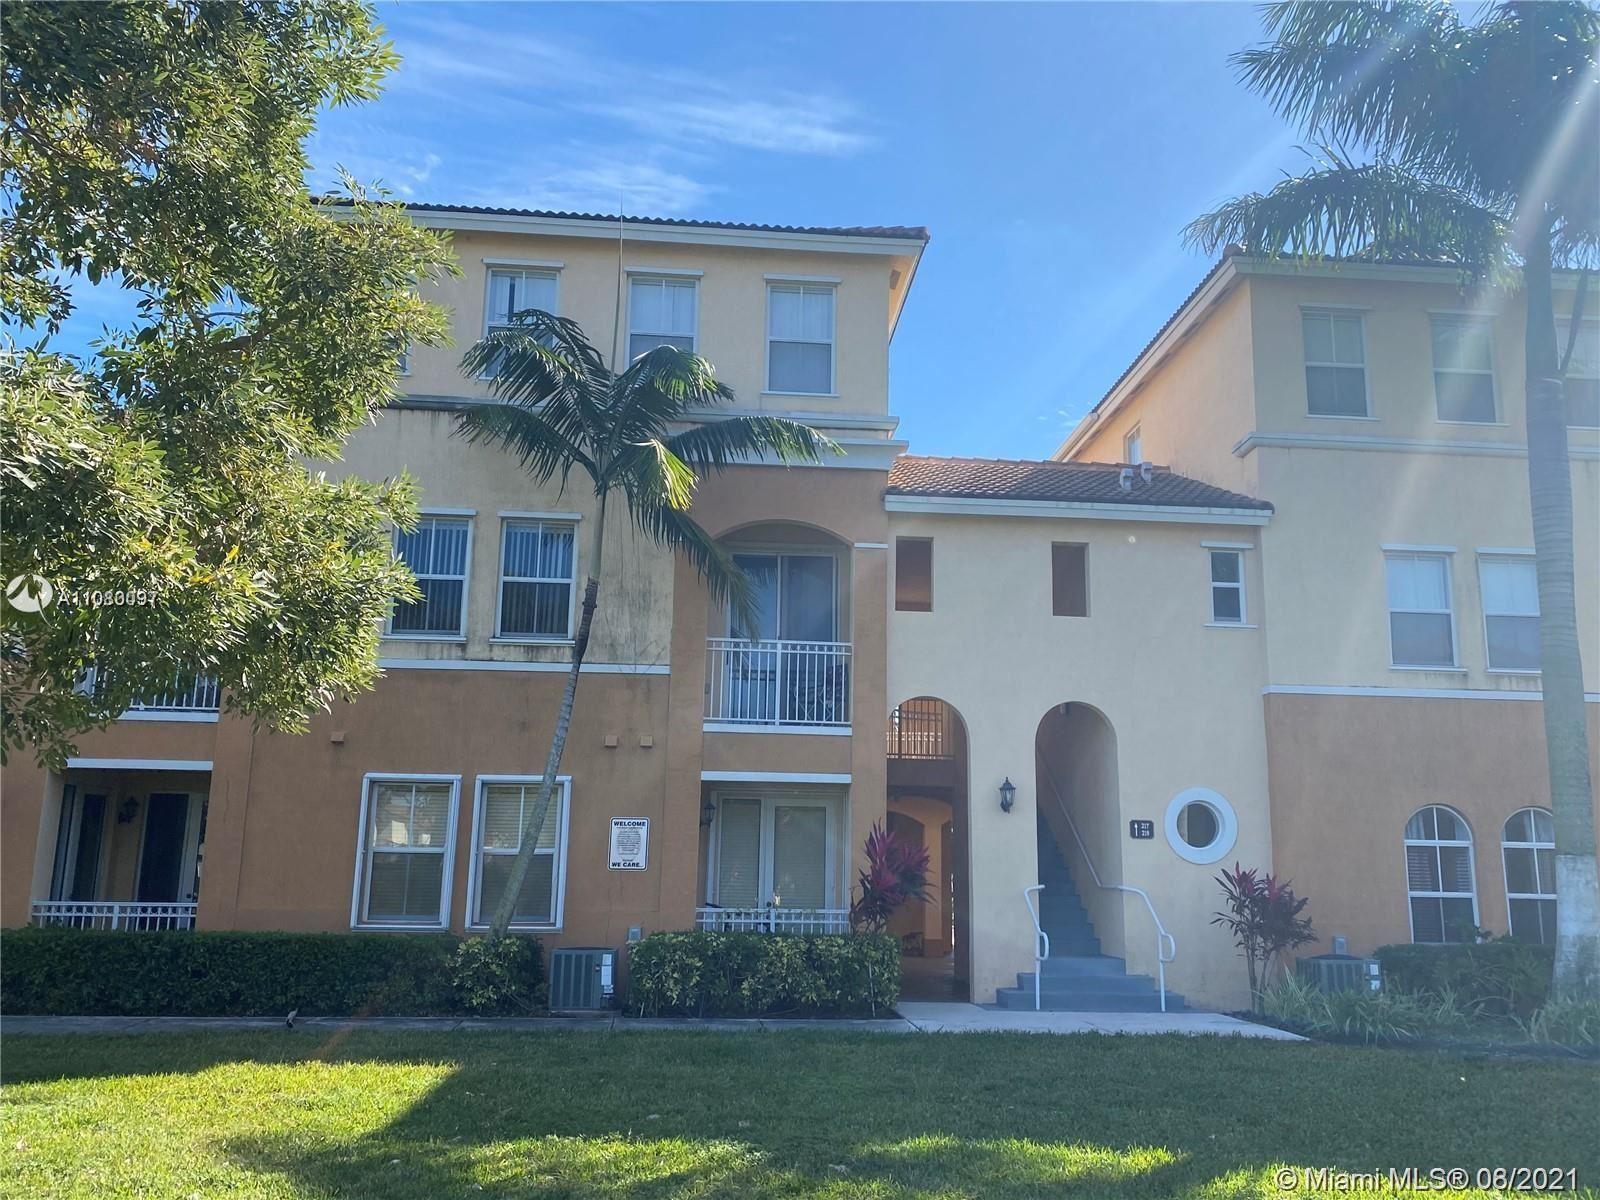 10012 NW 7th St #217, Miami, FL 33172 - #: A11080097